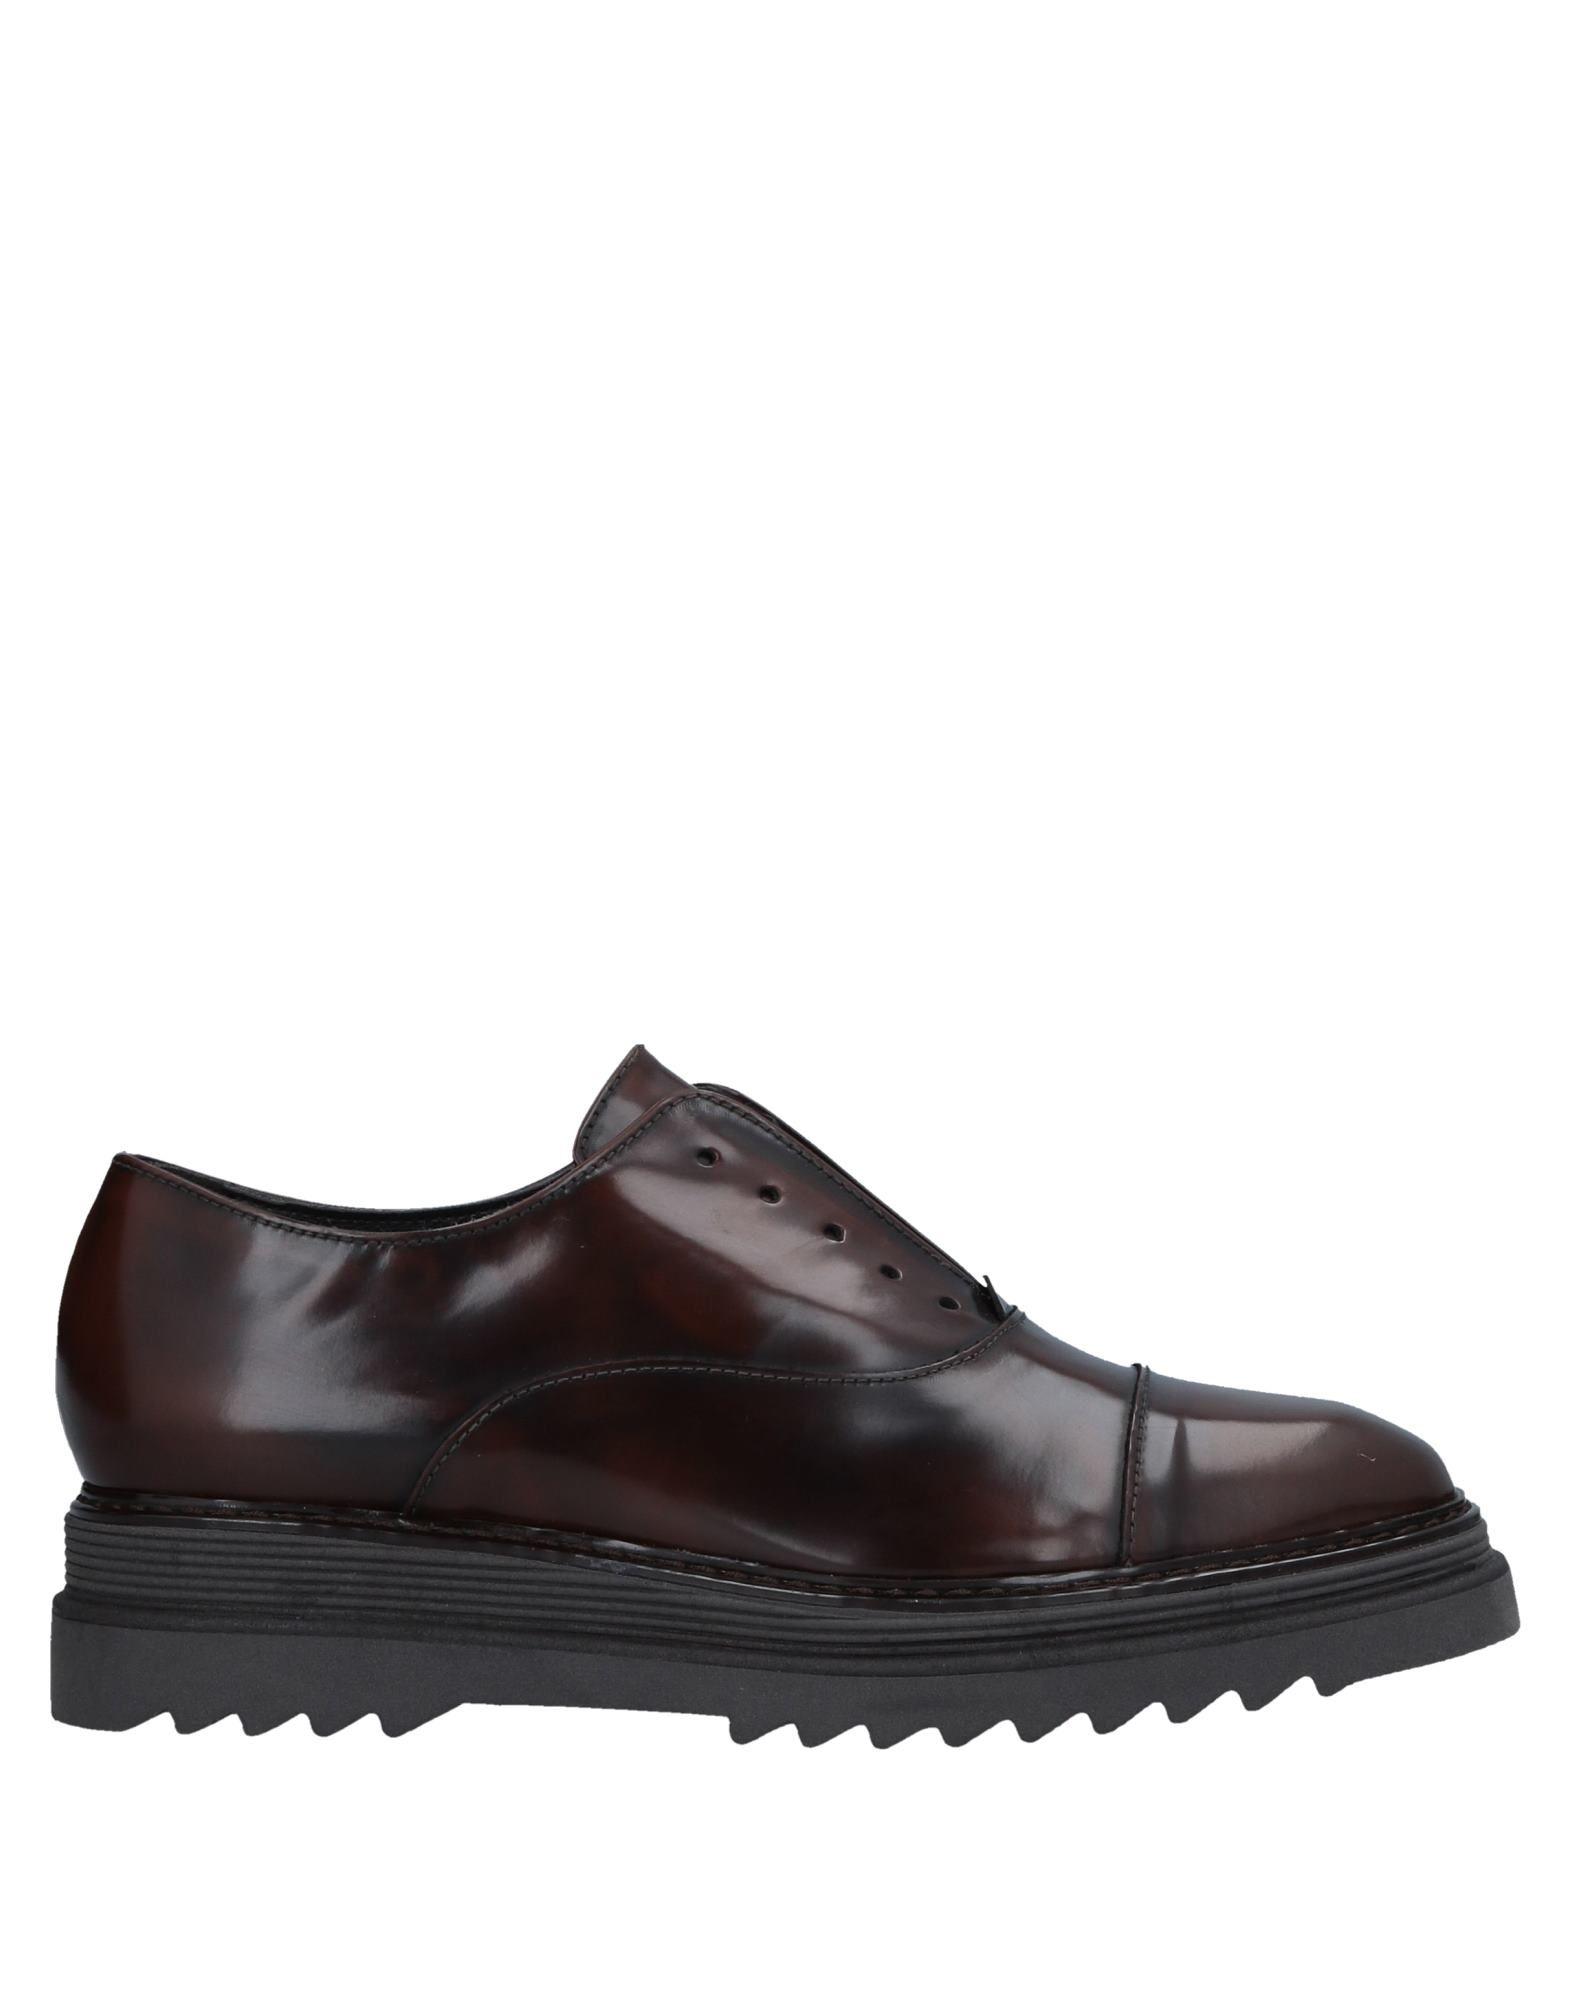 Eliana Bucci Mokassins Damen  11532233FI Gute Qualität beliebte Schuhe